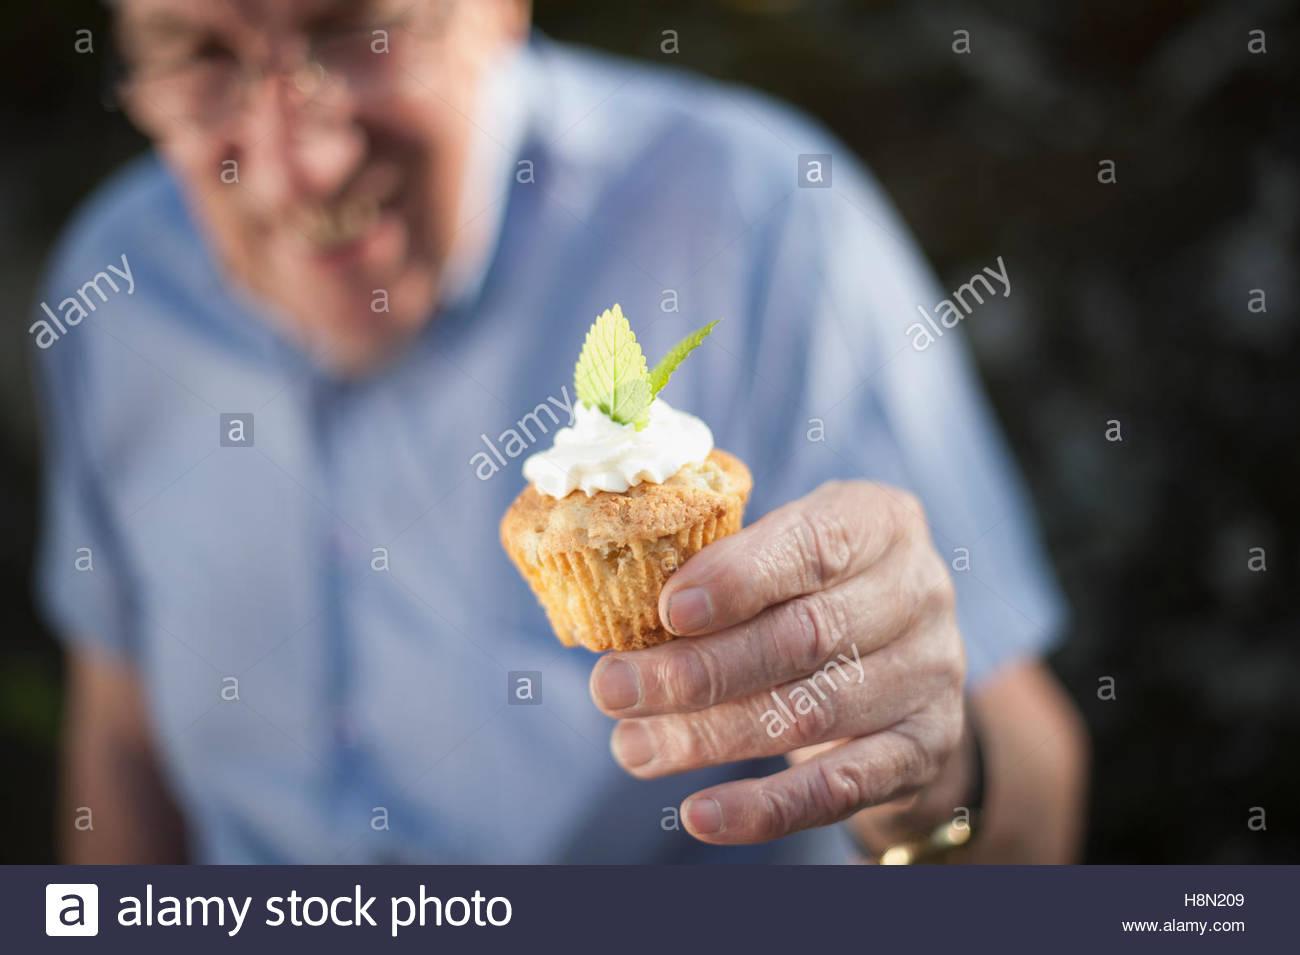 Senior man holding cupcake - Stock Image